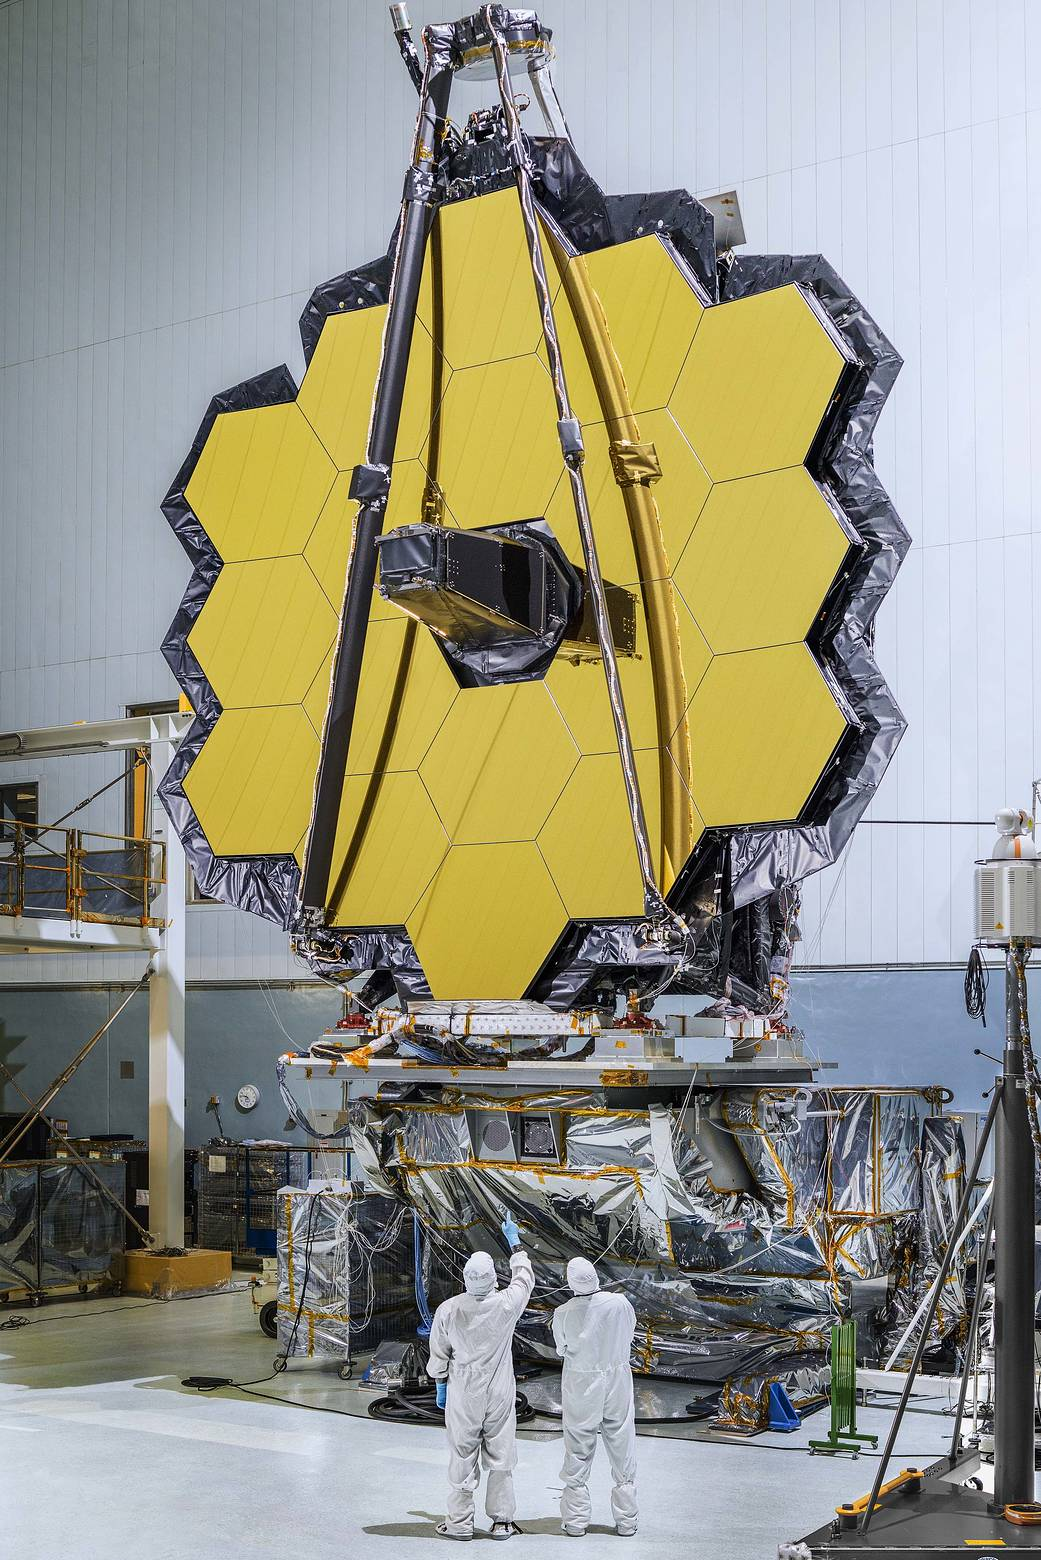 وصف الصورة: المرآة الرئيسة لتلسكوب ويب الفضائي التابع لناسا، المكون من 18 مرآة مسدسة الشكل